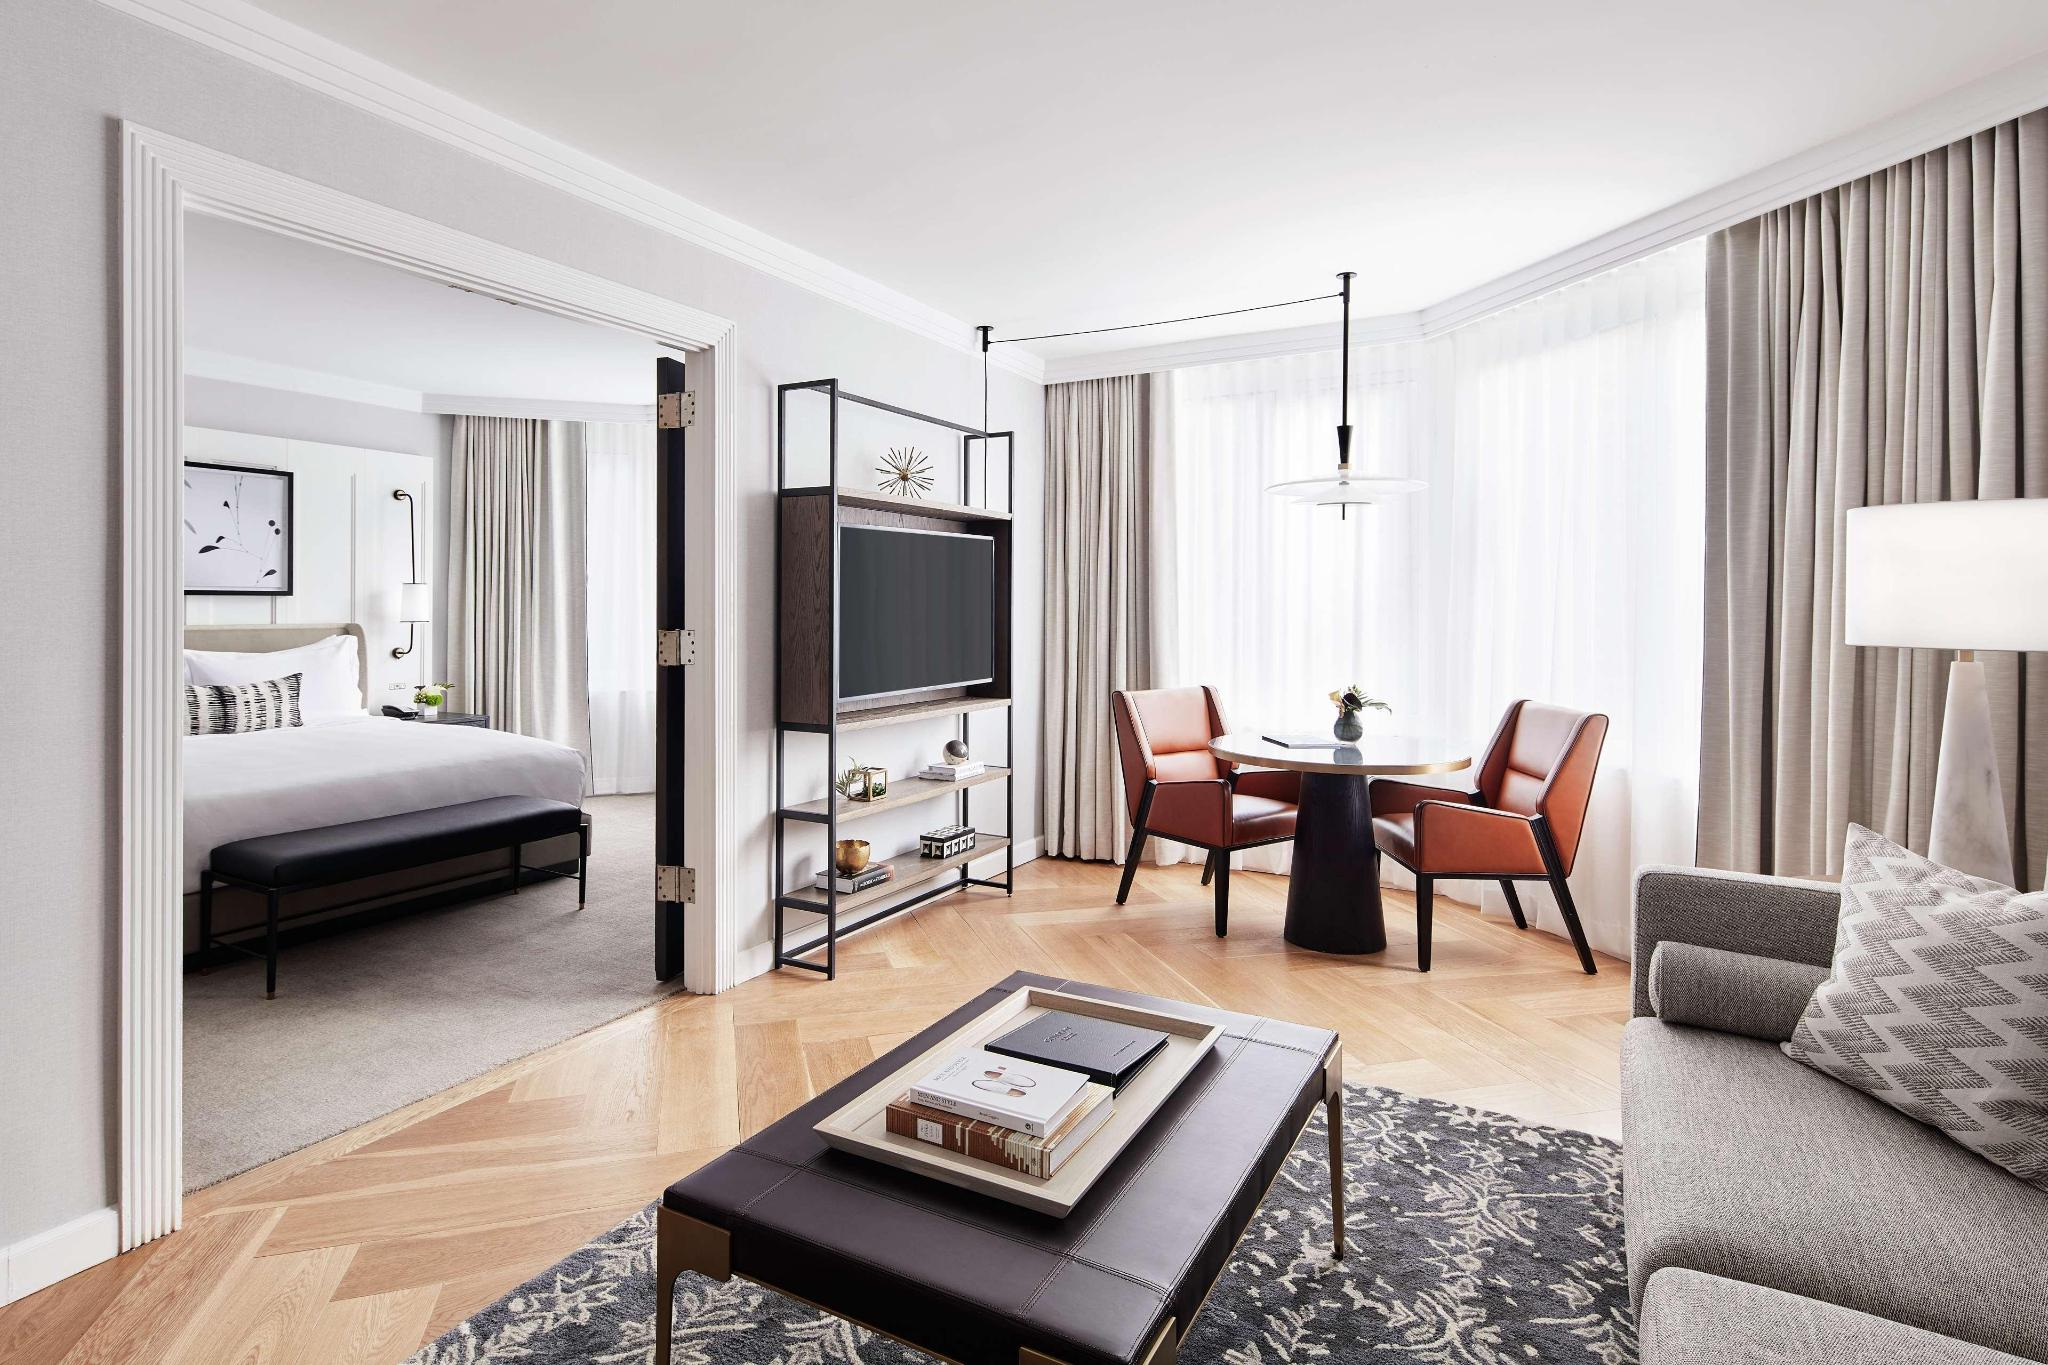 City View 2 Bedroom Suite - 1 Kng 1 Queen